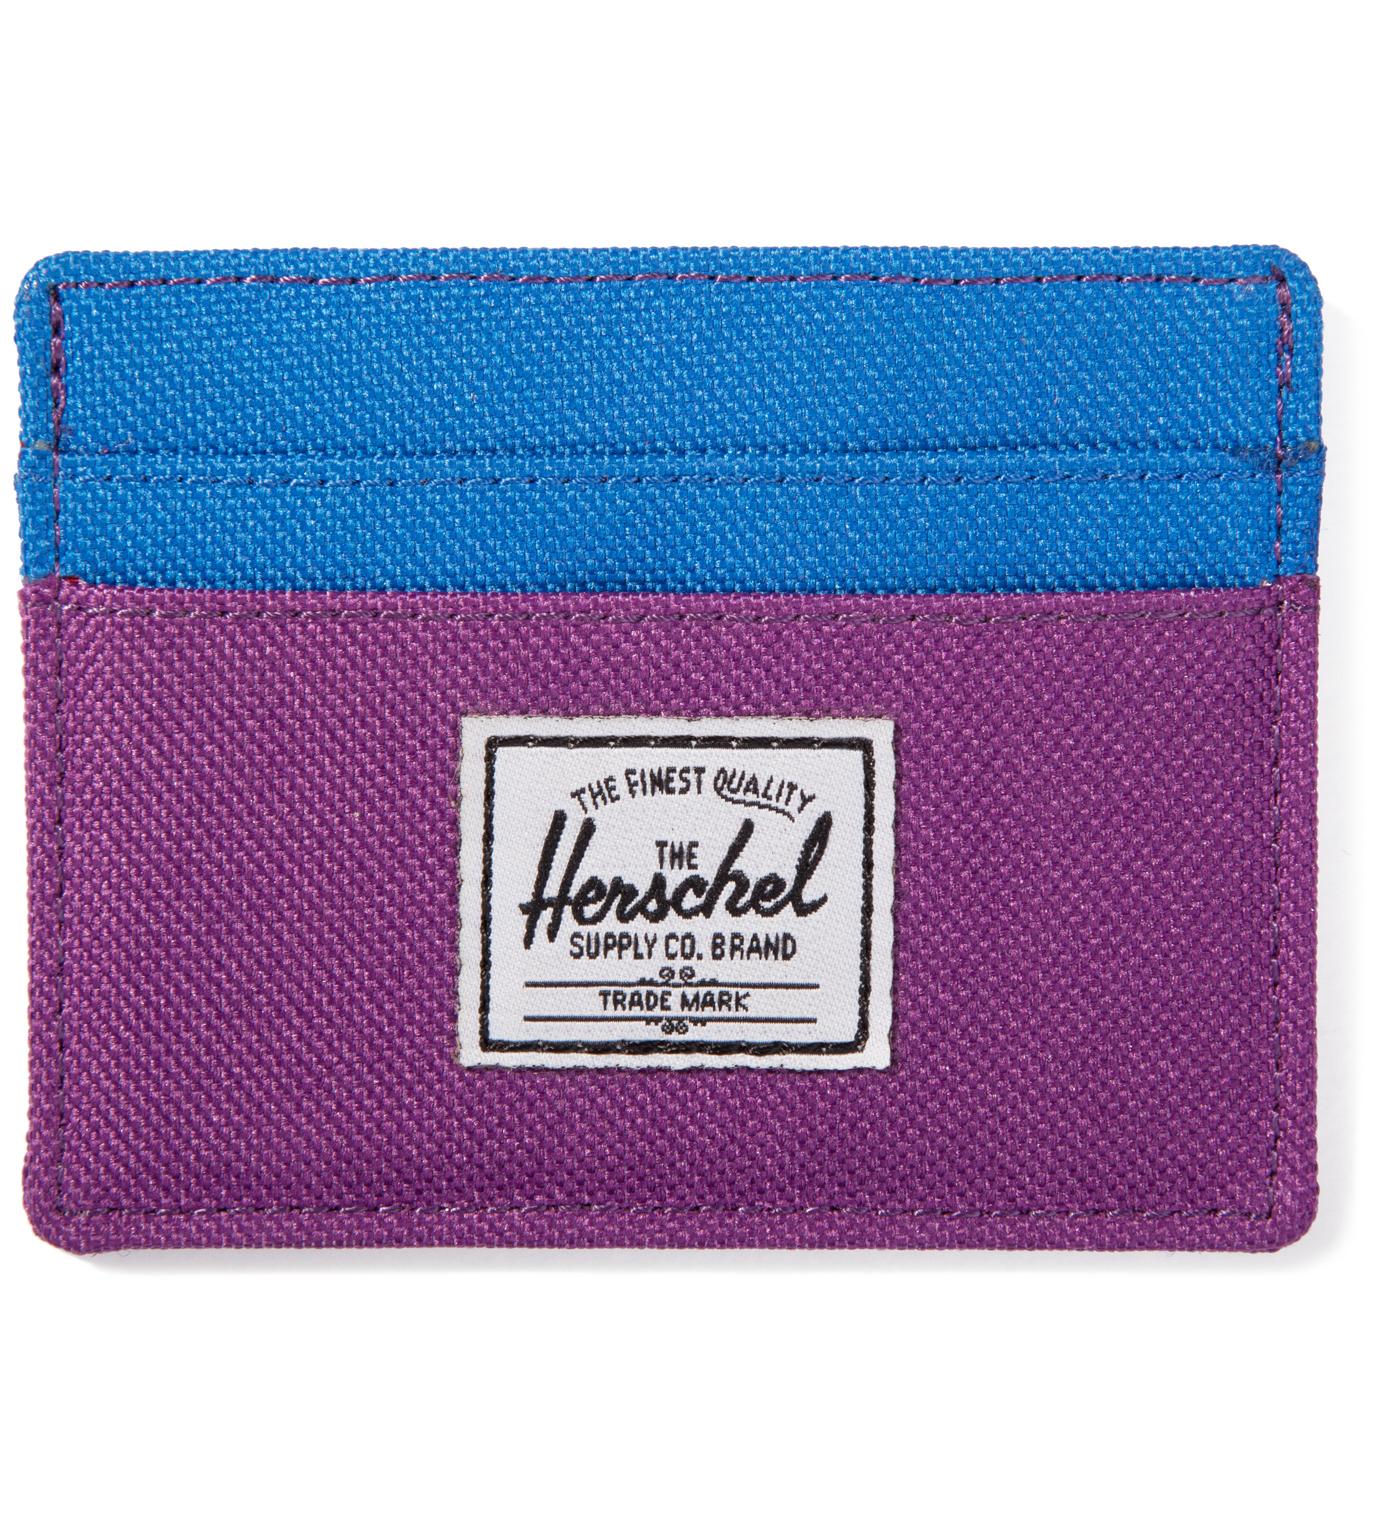 Herschel Supply Co. Purple/Cobalt Charlie Card Case